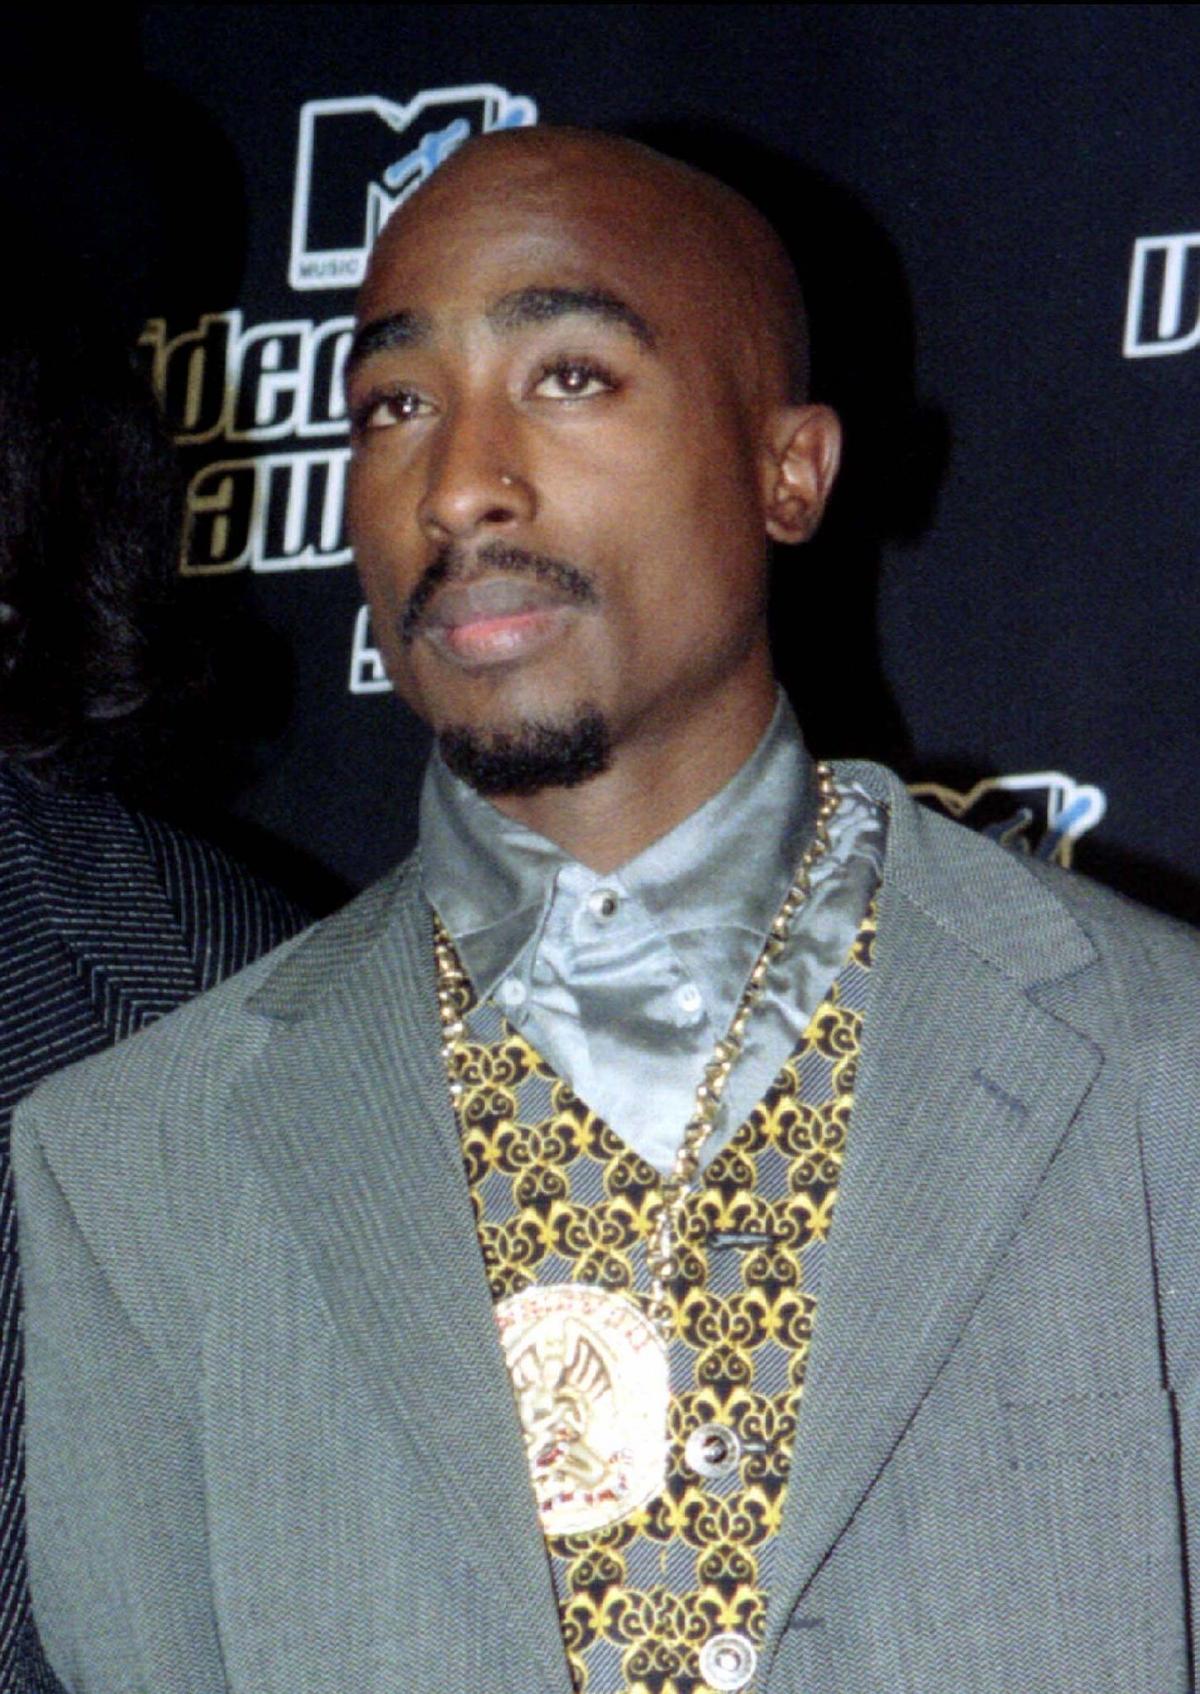 2Pac at MTV awards